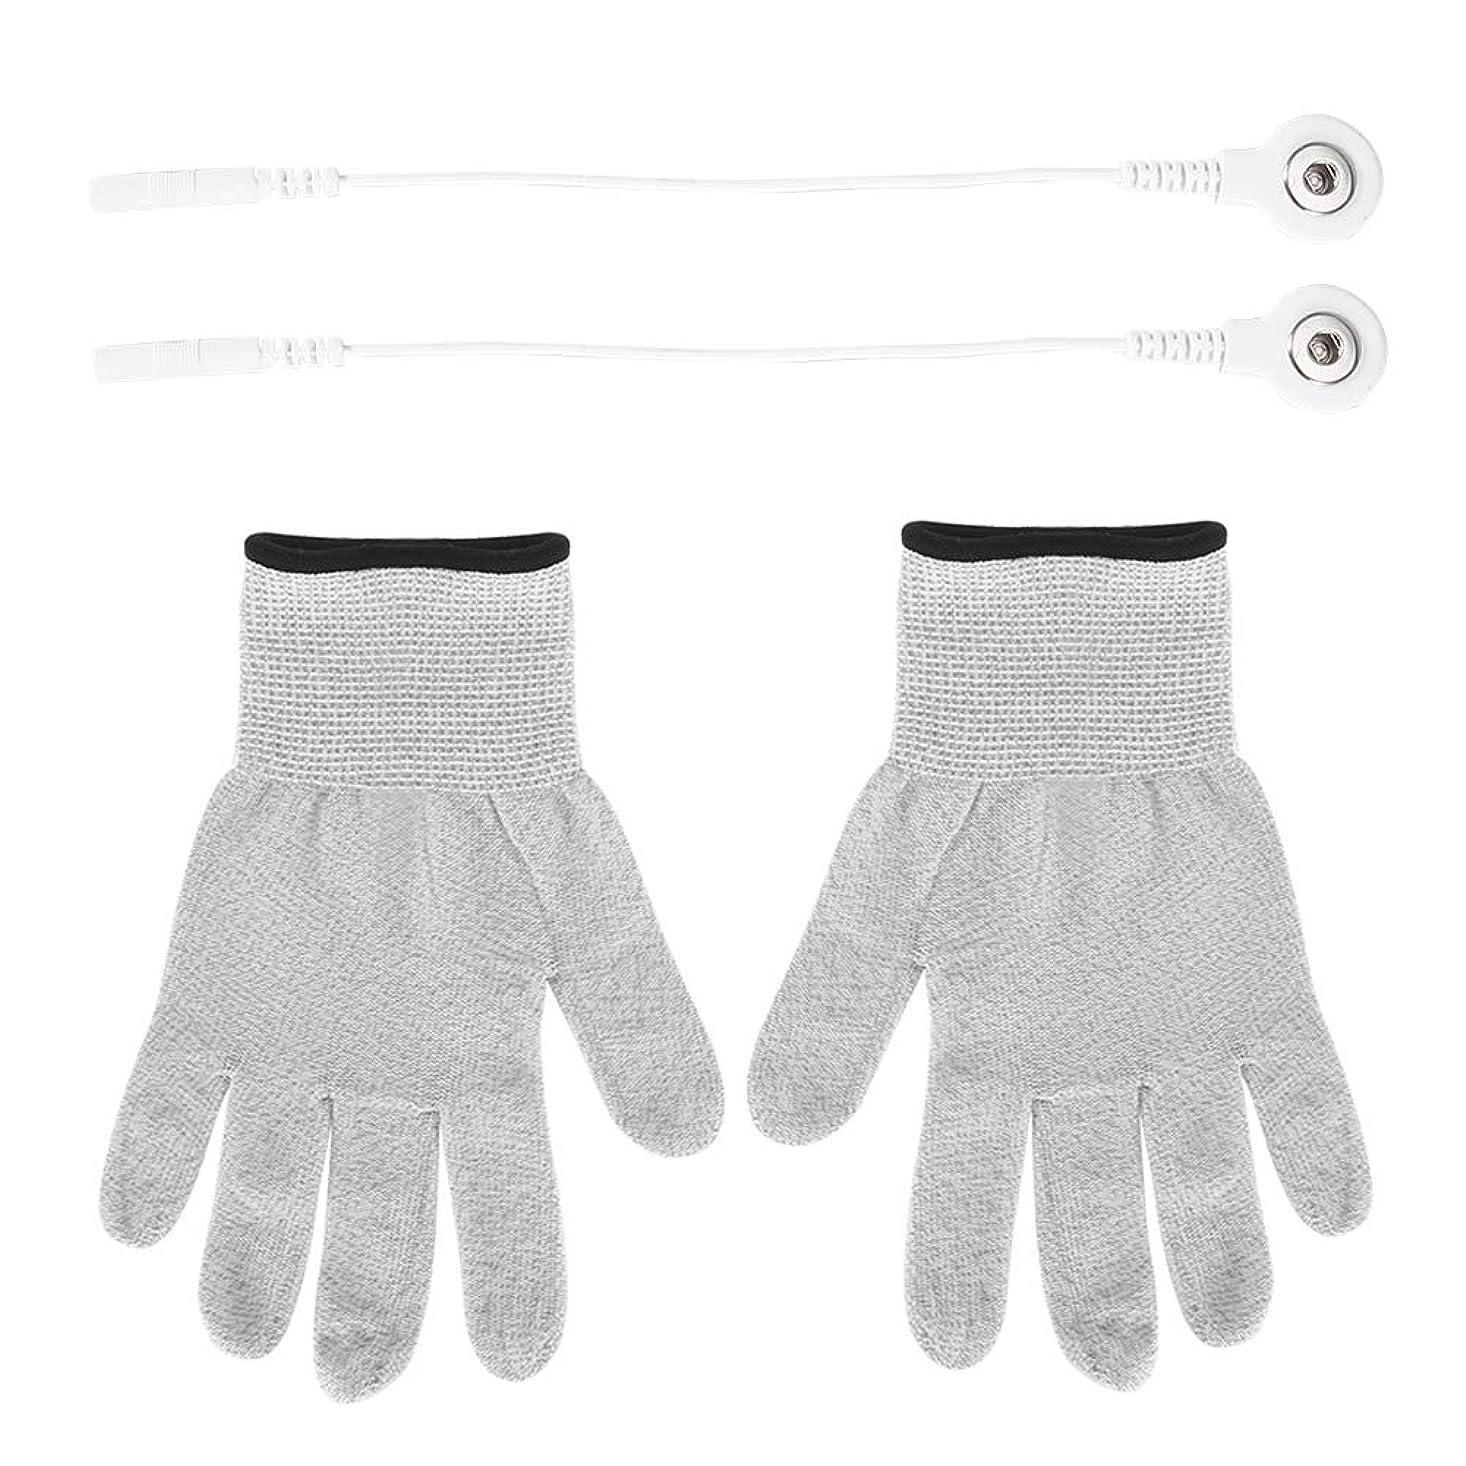 四回世界記録のギネスブック転倒1組 電極 手袋繊維 電気衝撃療法 マッサージ 手袋電気衝撃繊維 脈拍療法 マッサージ 伝導性 手袋